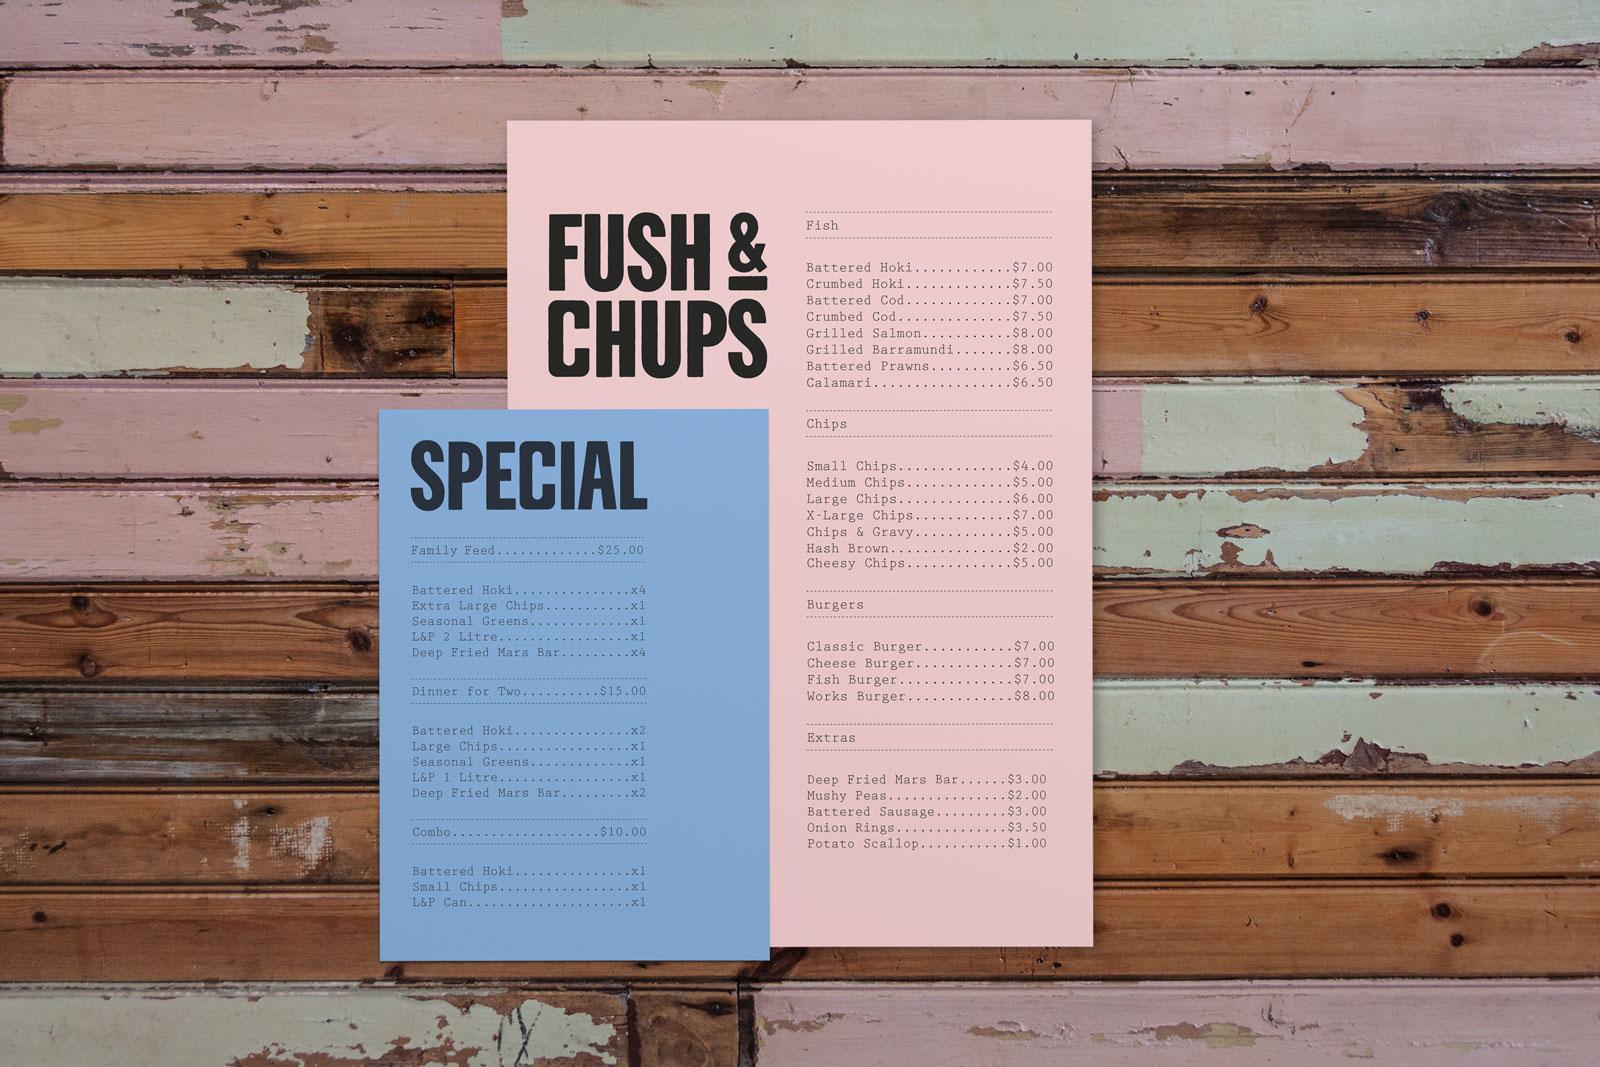 Fush-and-Chups-menu.jpg